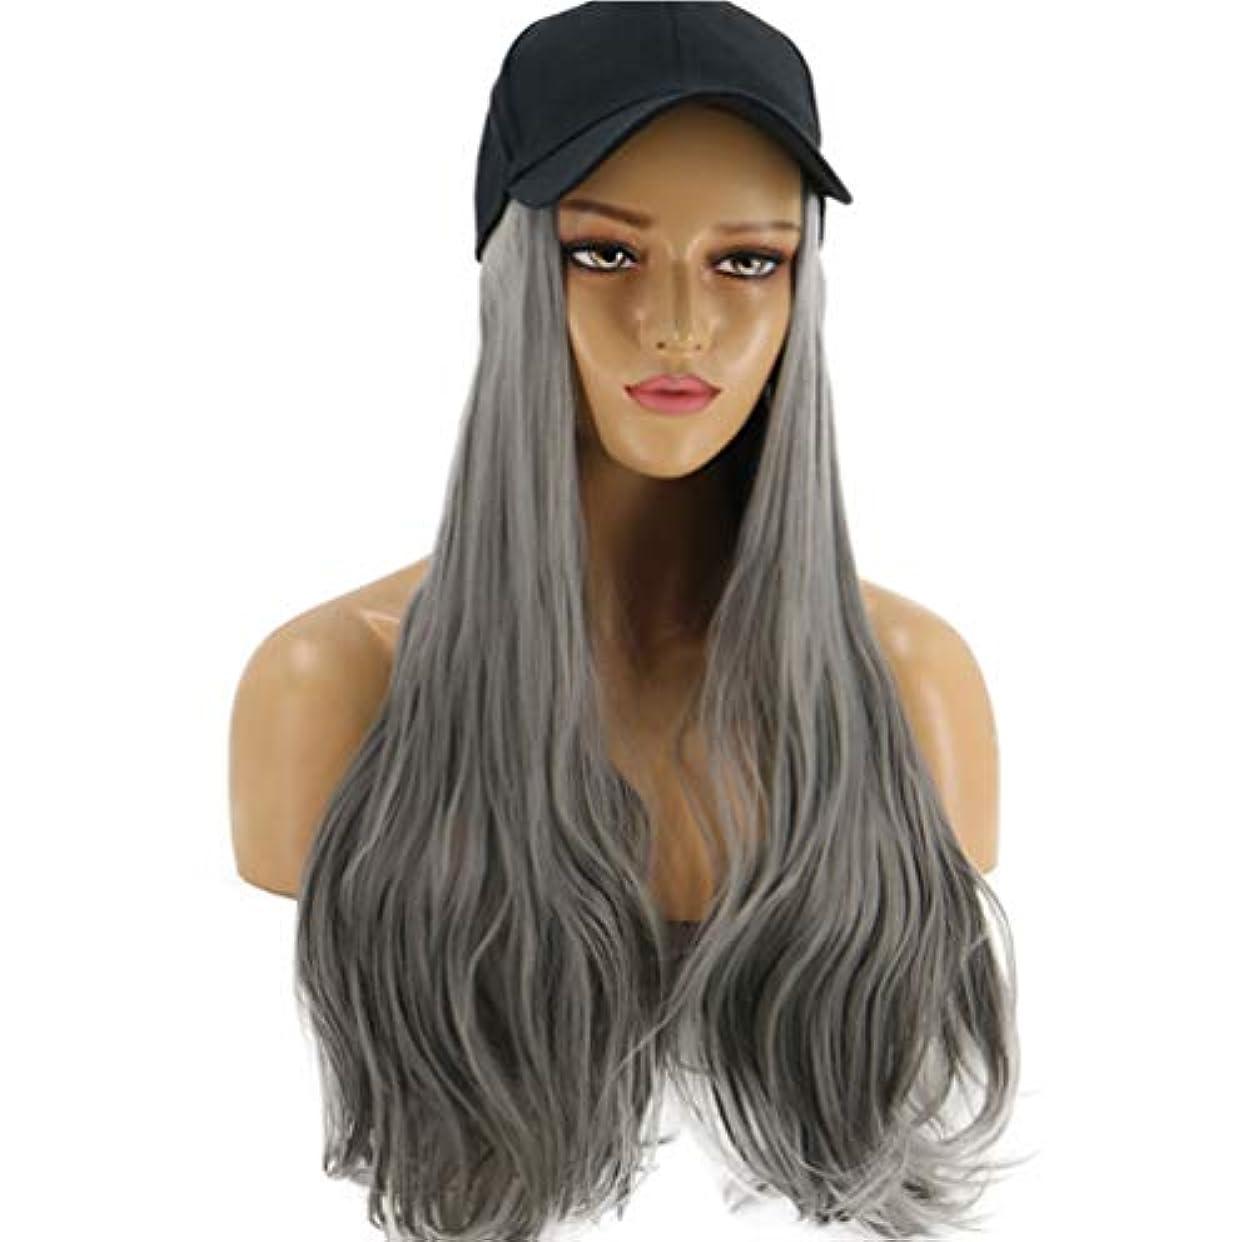 シソーラスクラフト四半期女の子野球帽子ウィッグ人工毛エクステンションキャップ付きロングウェーブヘアエクステンション女性ウィッグロングヘア帽子パーティーハロウィンコスプレキャップ